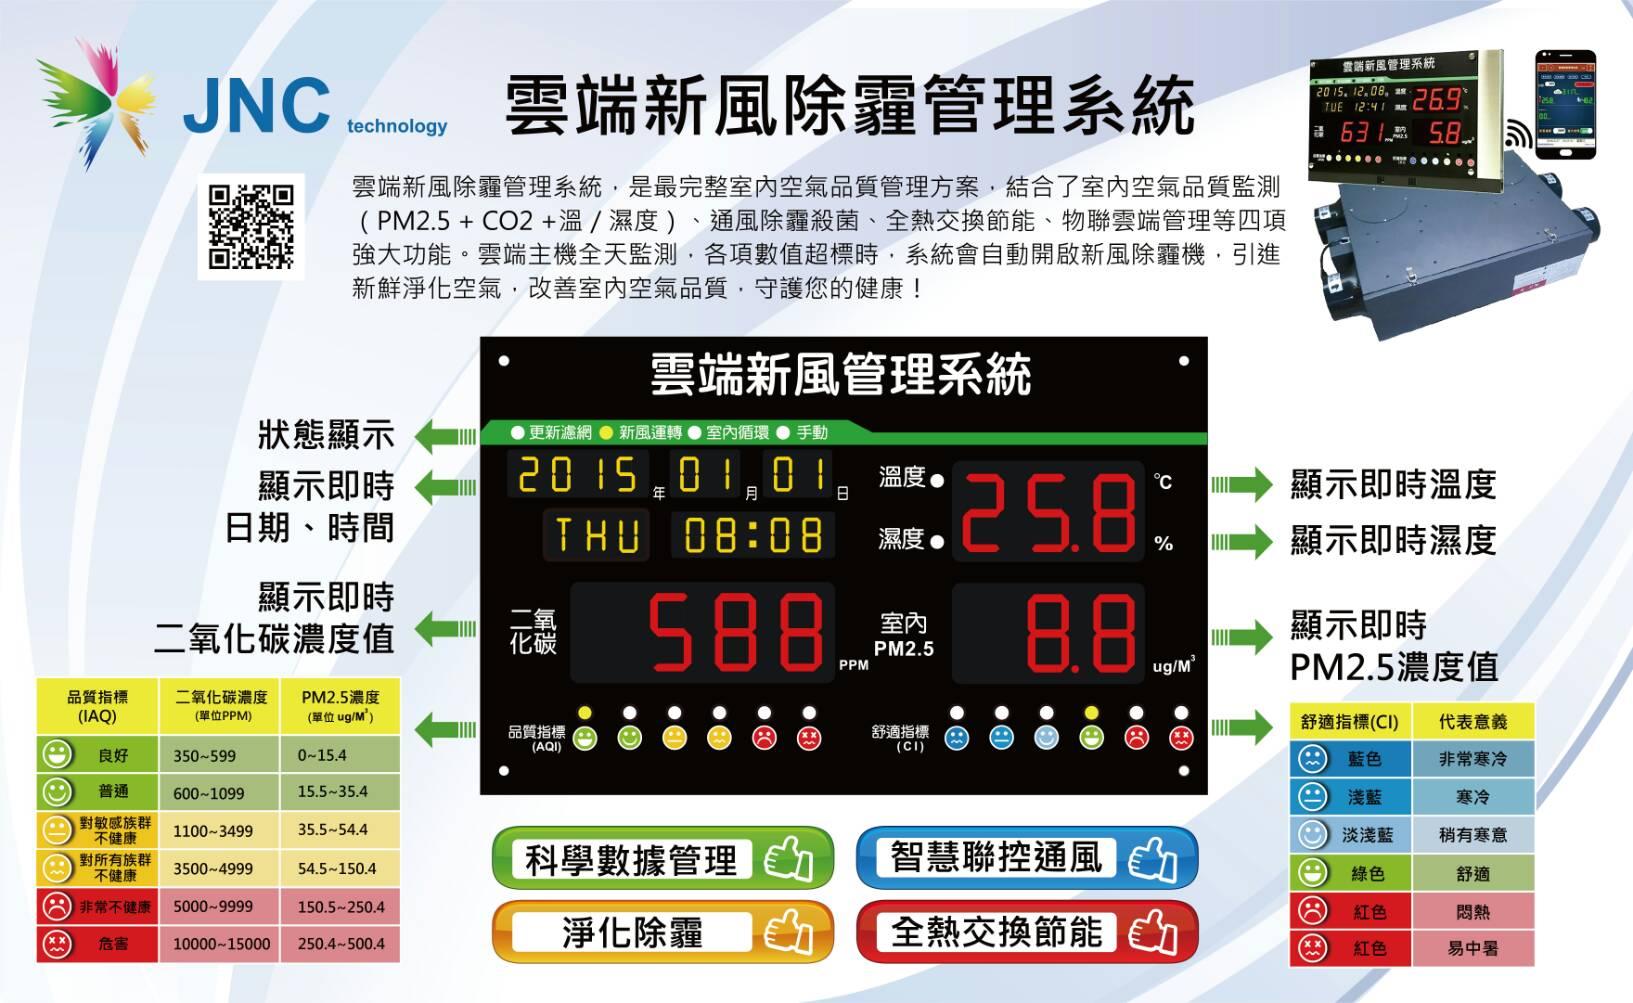 室內二氧化碳濃度對健康之影響 – Smart Sensor Systems